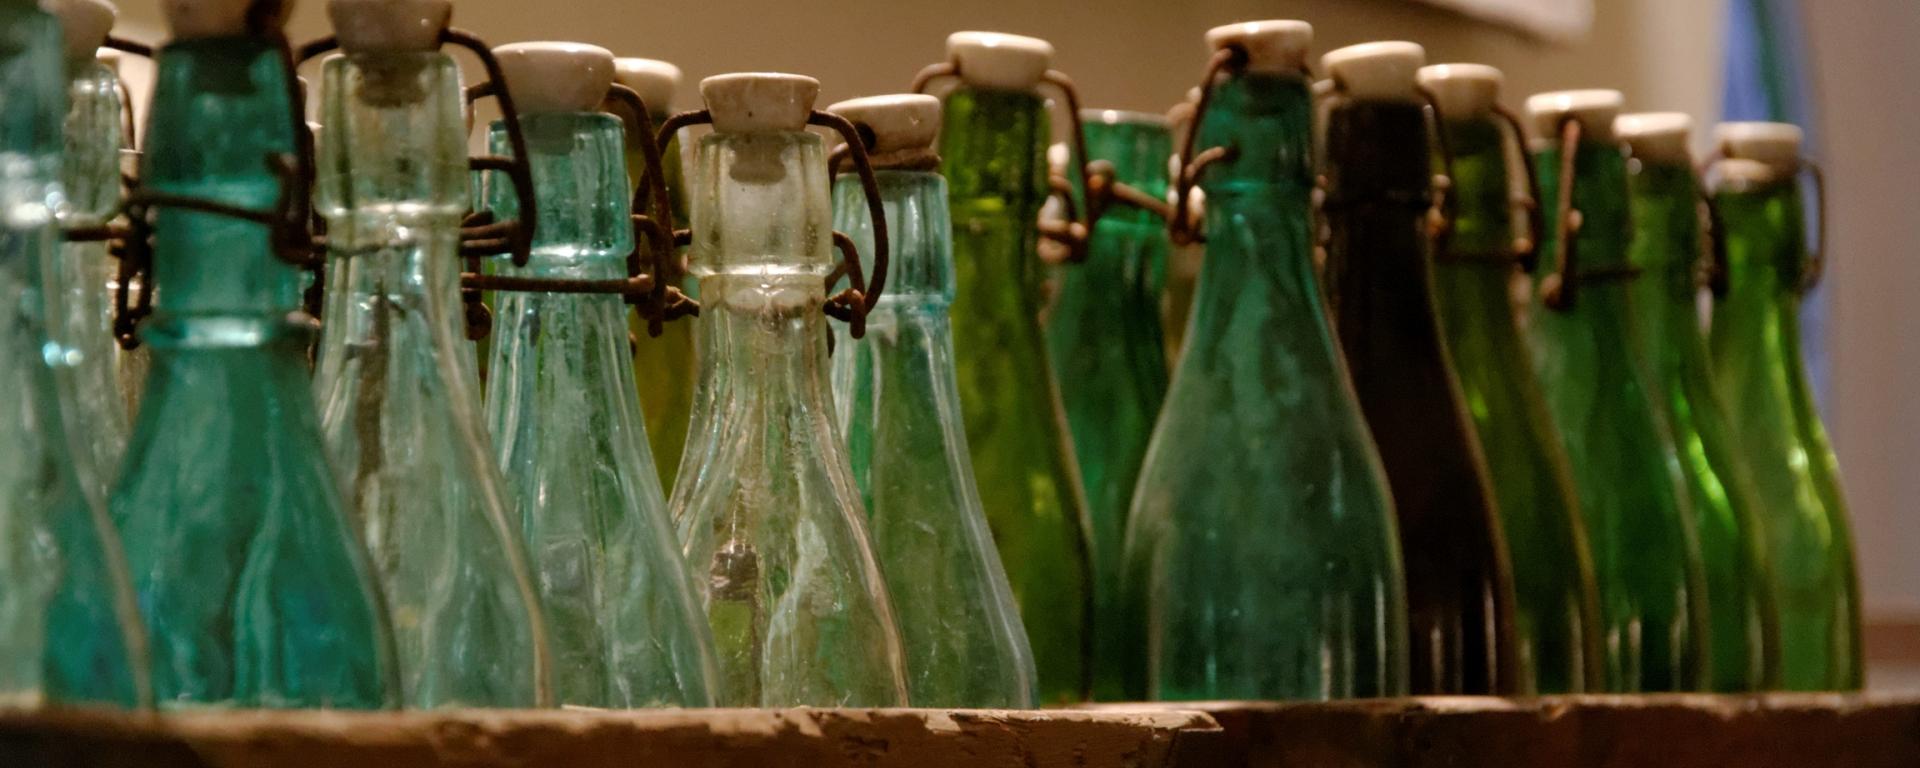 Como hacer la segunda fermentación de la kombucha, usando frutas y hierbas